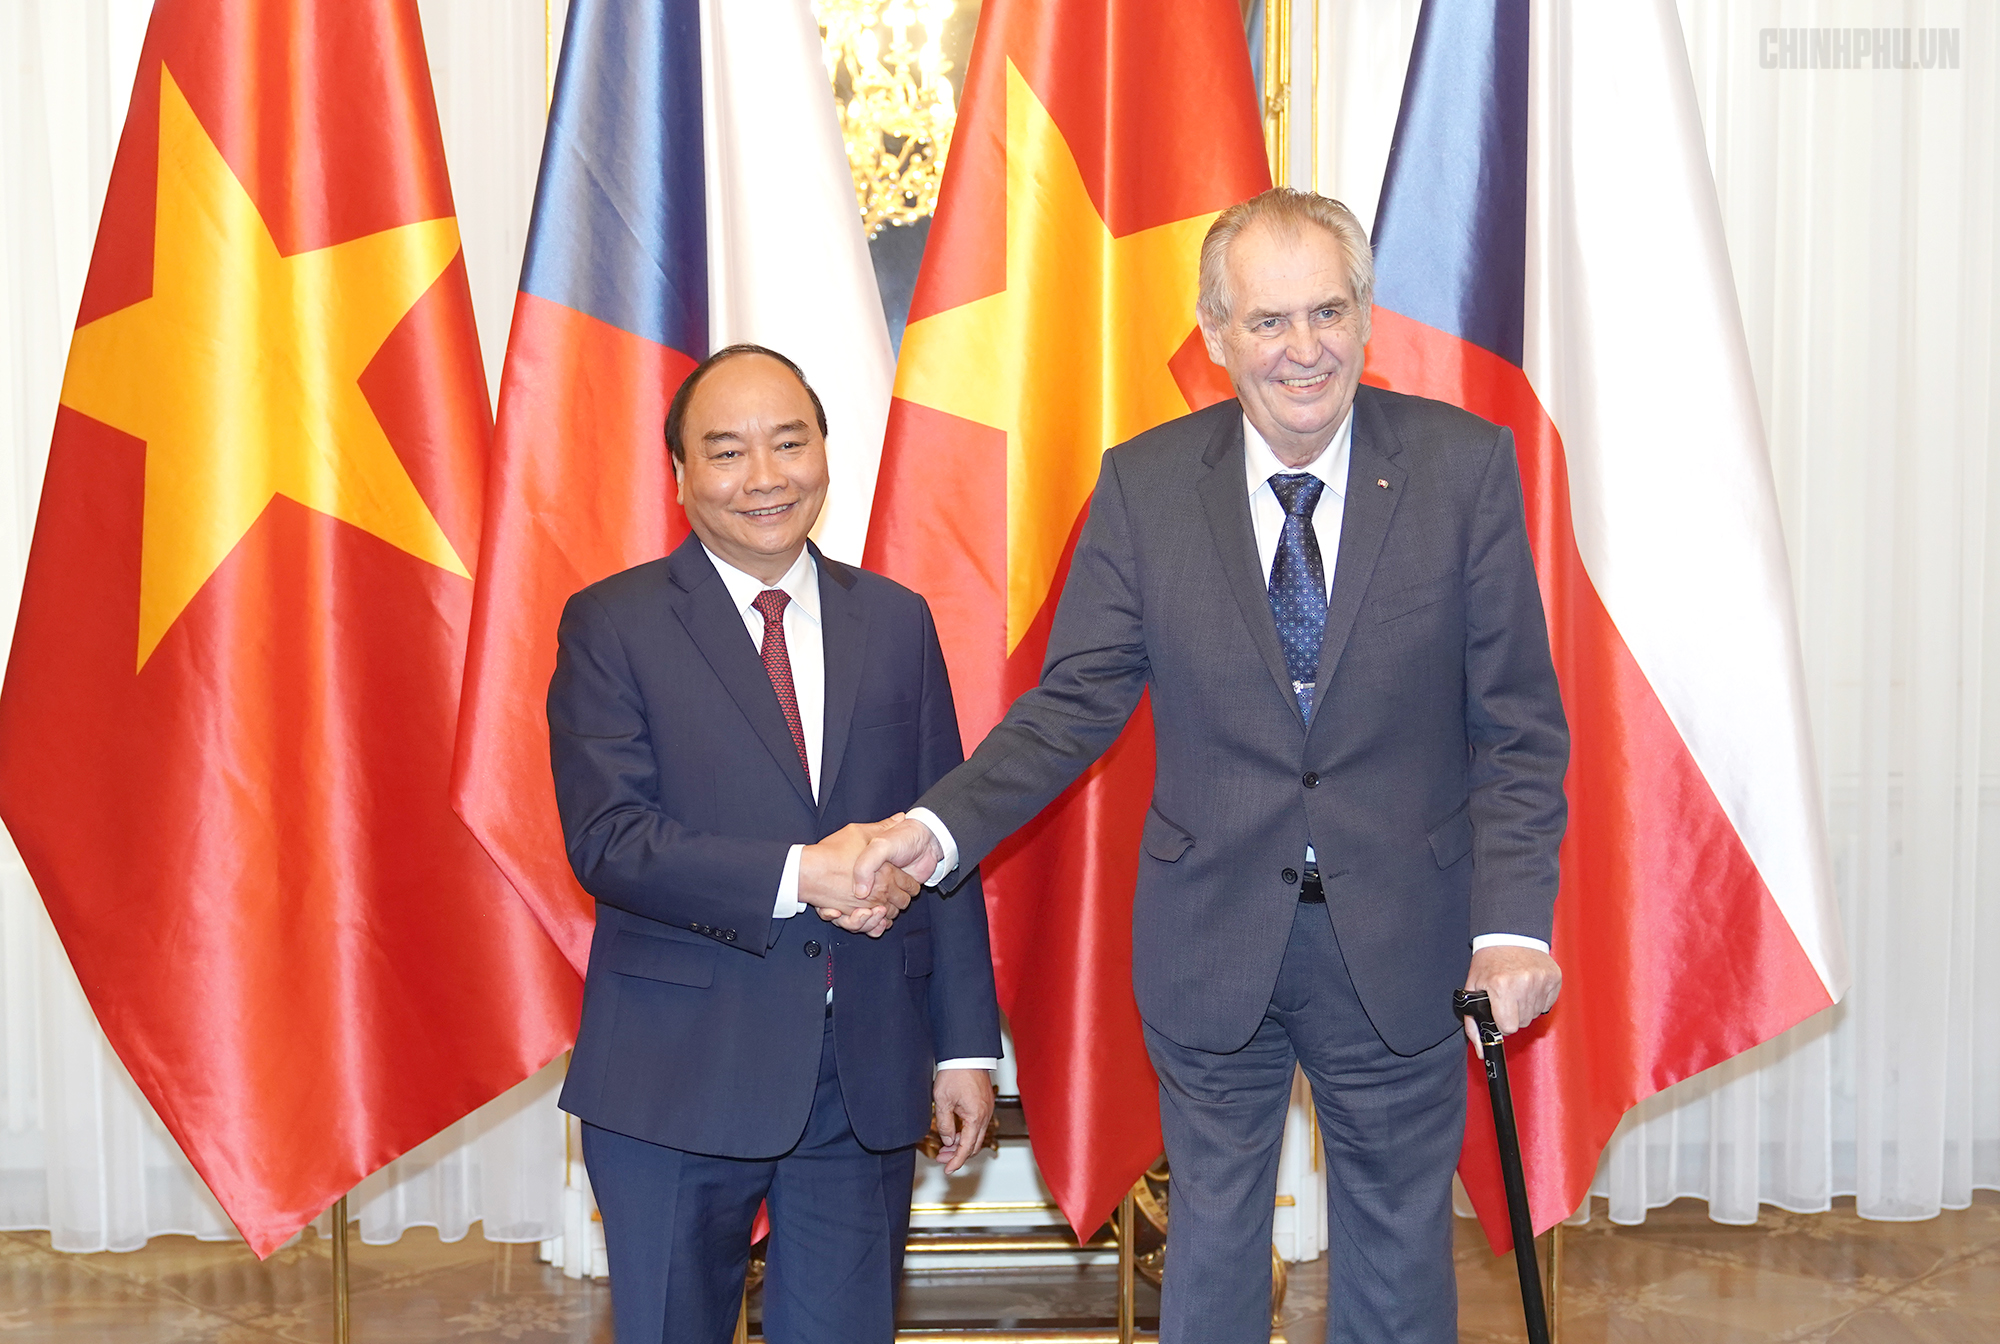 Thủ tướng Nguyễn Xuân Phúc hội kiến Tổng thống CH Czech